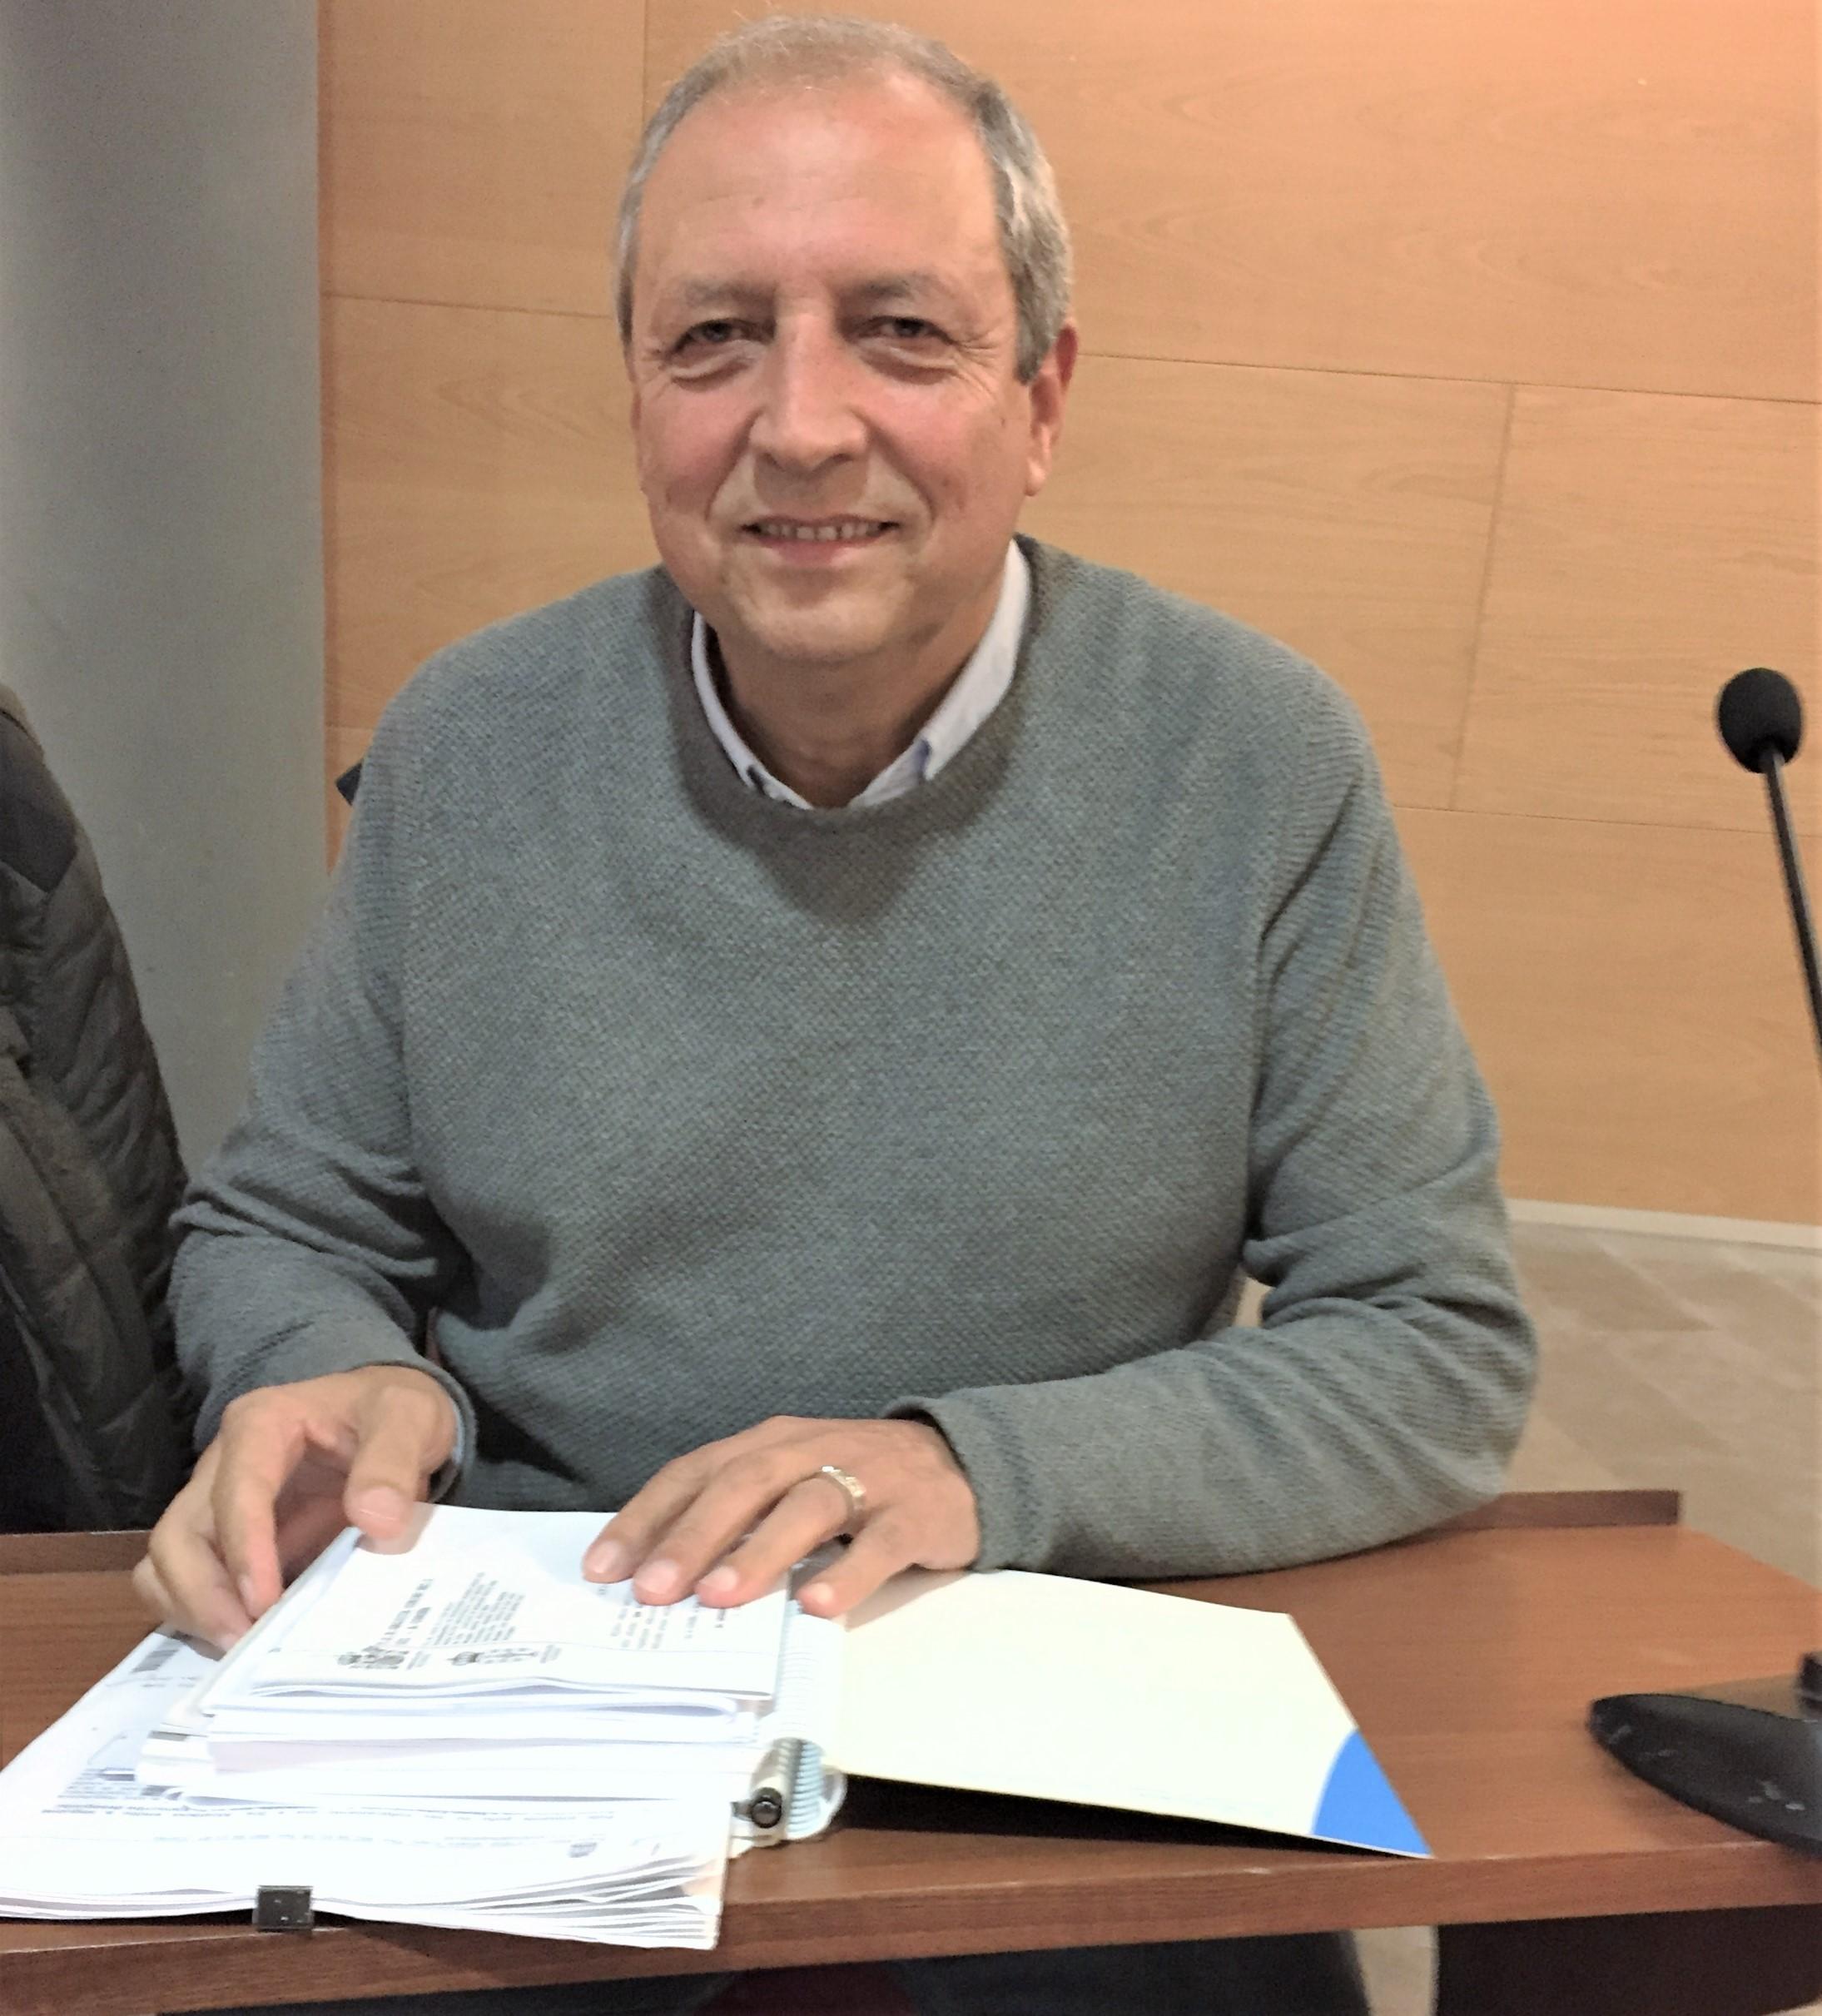 Asociacións e clubs de Ribadeo unidos en beneficio de La Palma